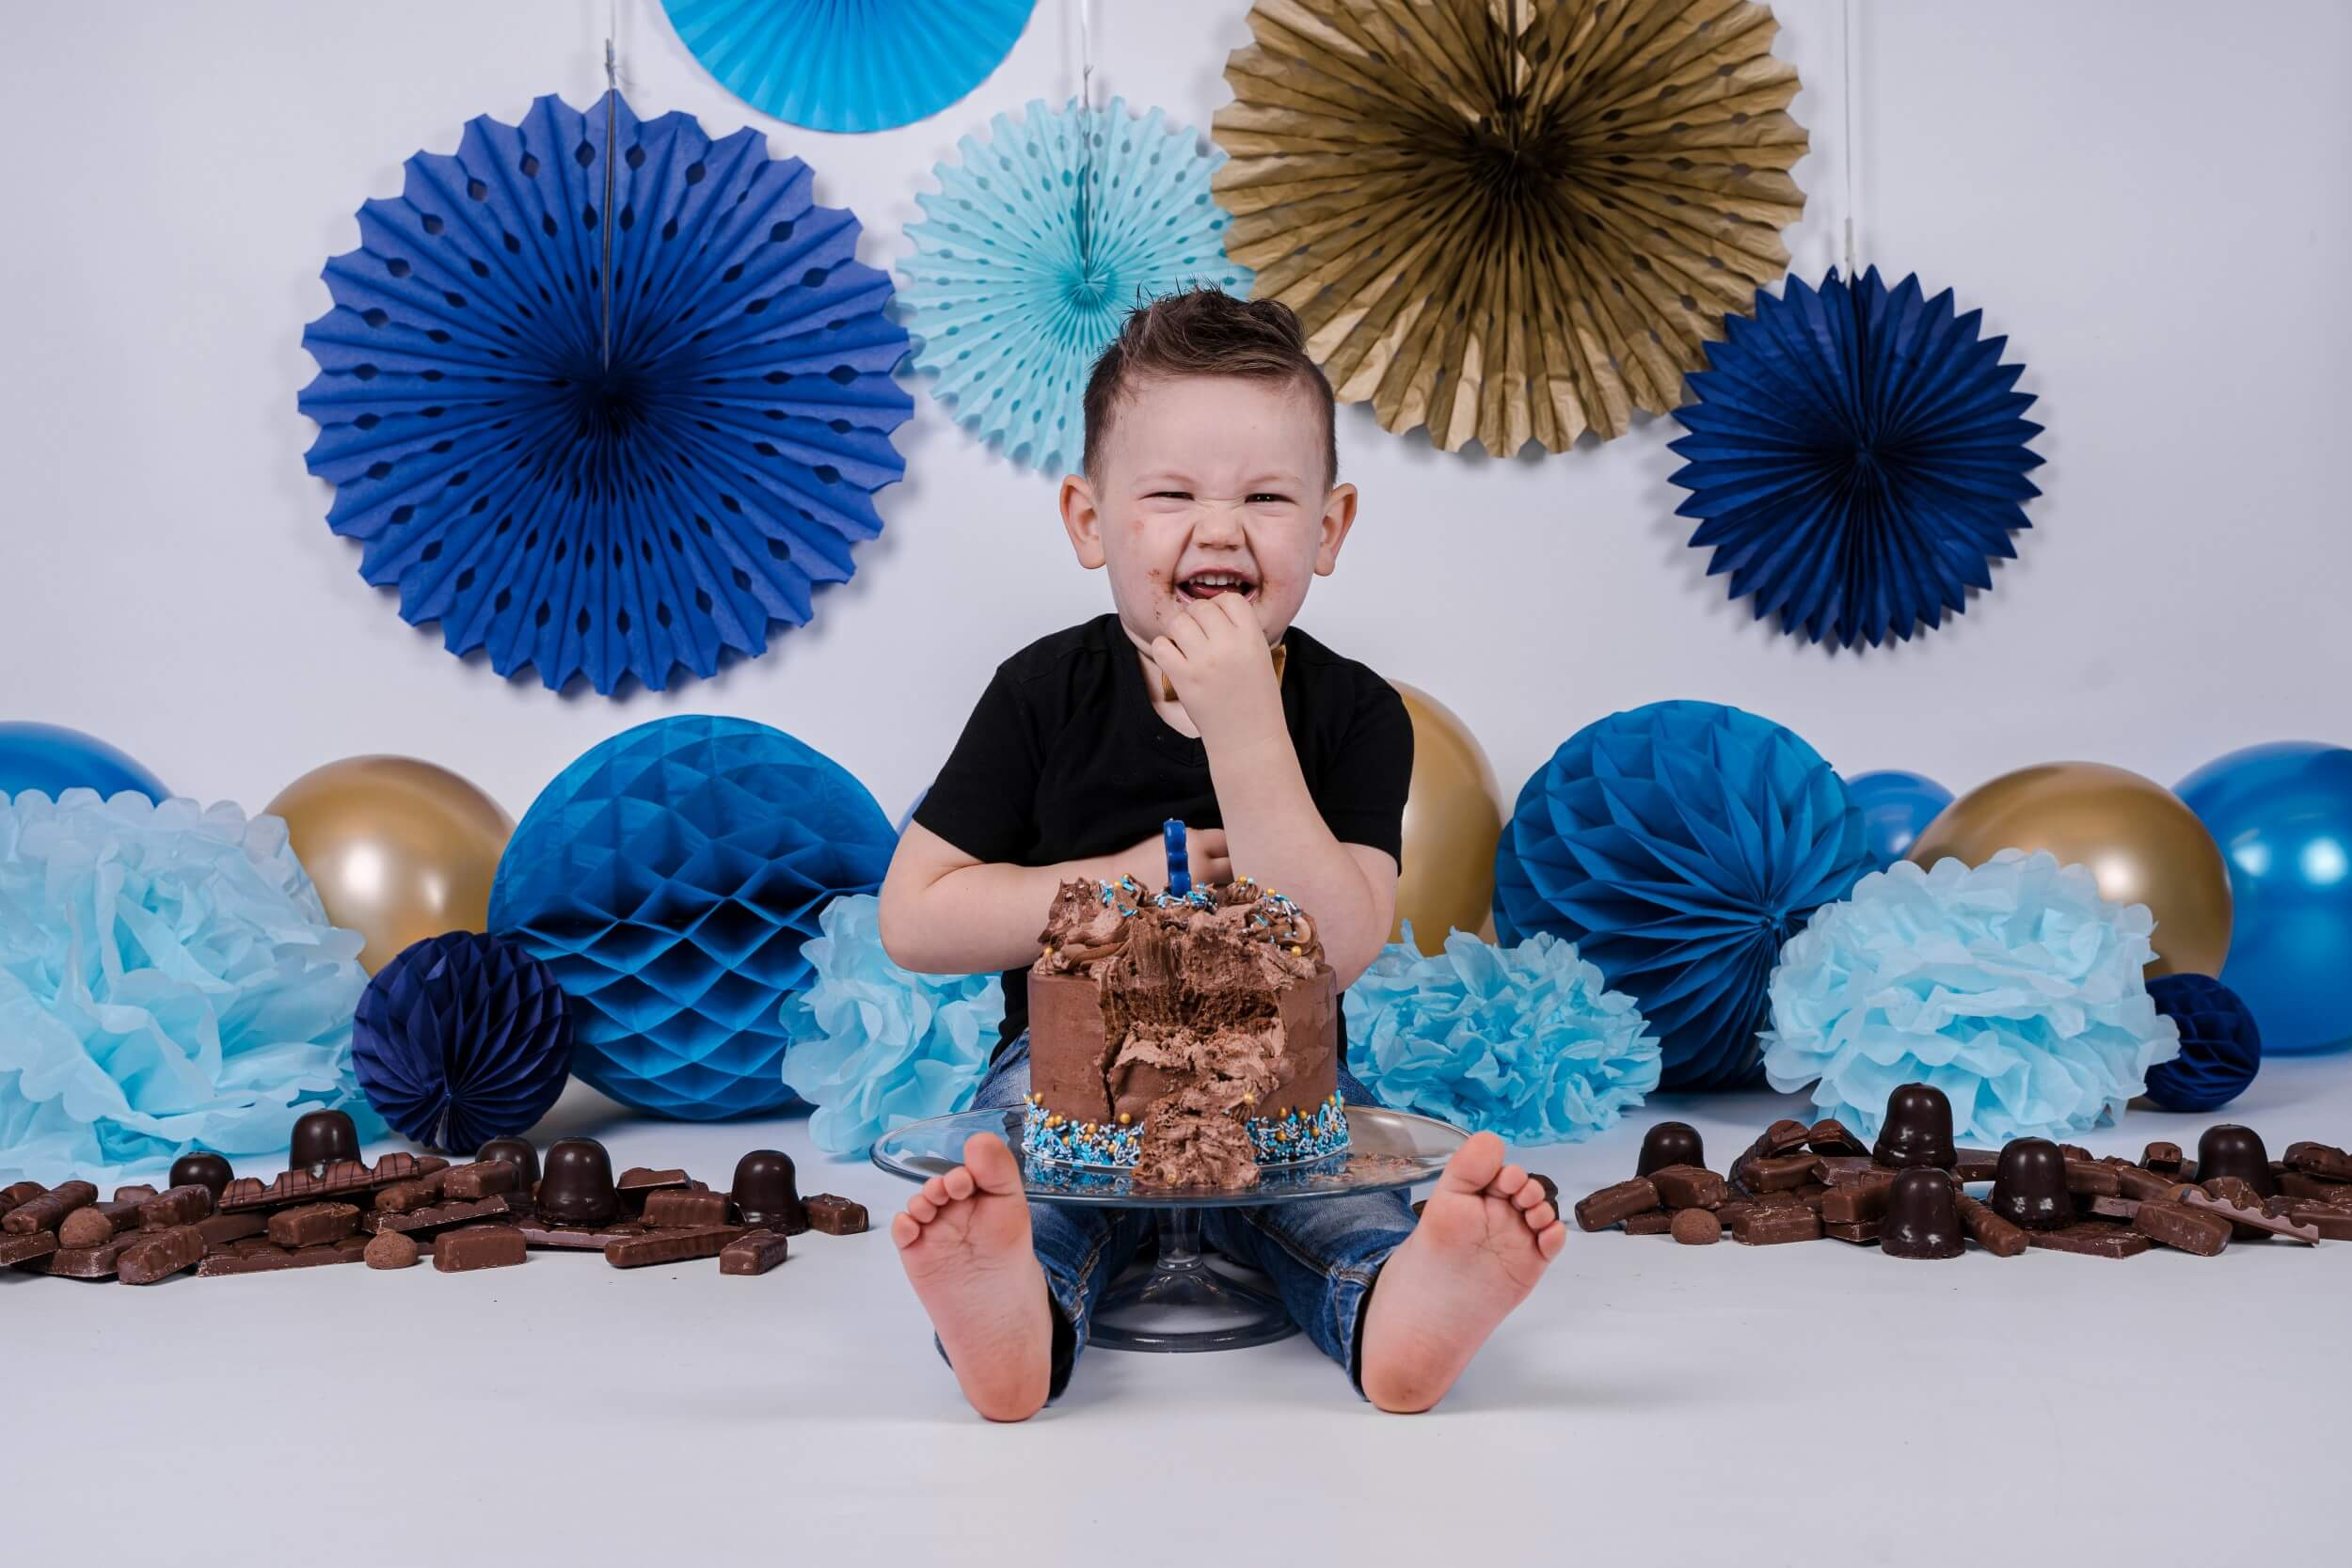 jongen fotoshoot cake smash blauw en goud